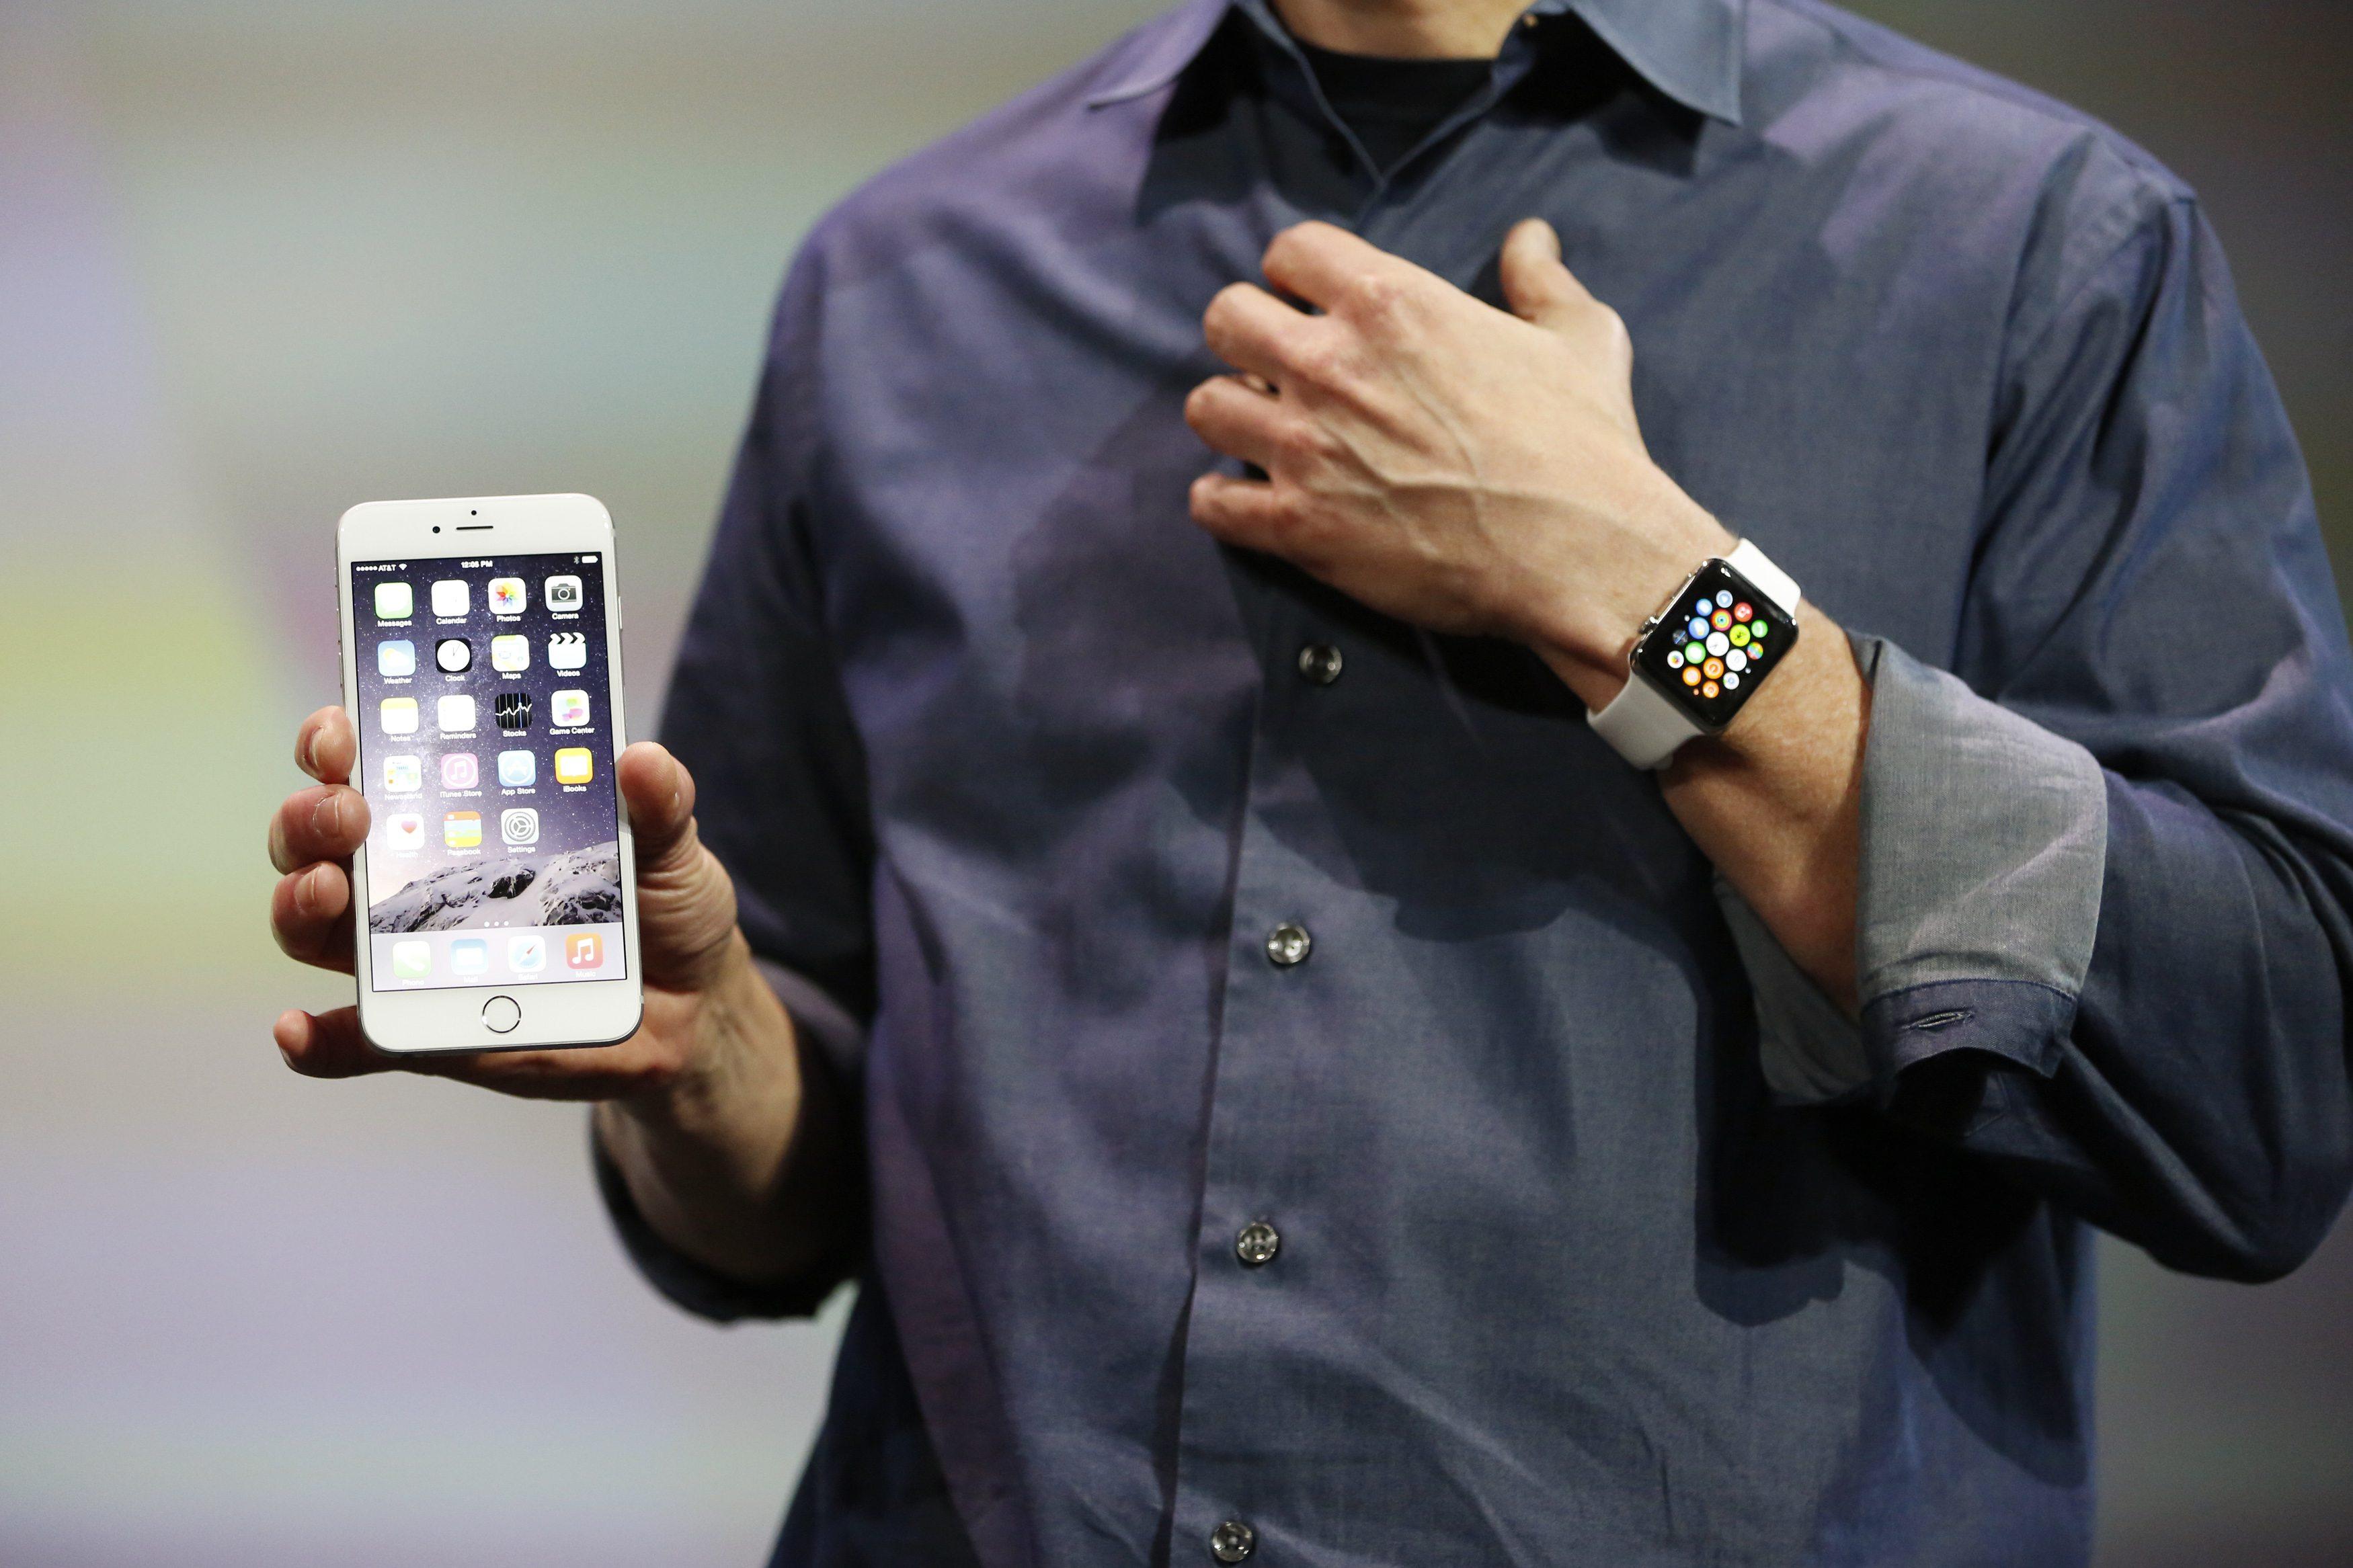 Un operator oferă servicii de mărire a buzunarelor pentru iPhone 6 Plus